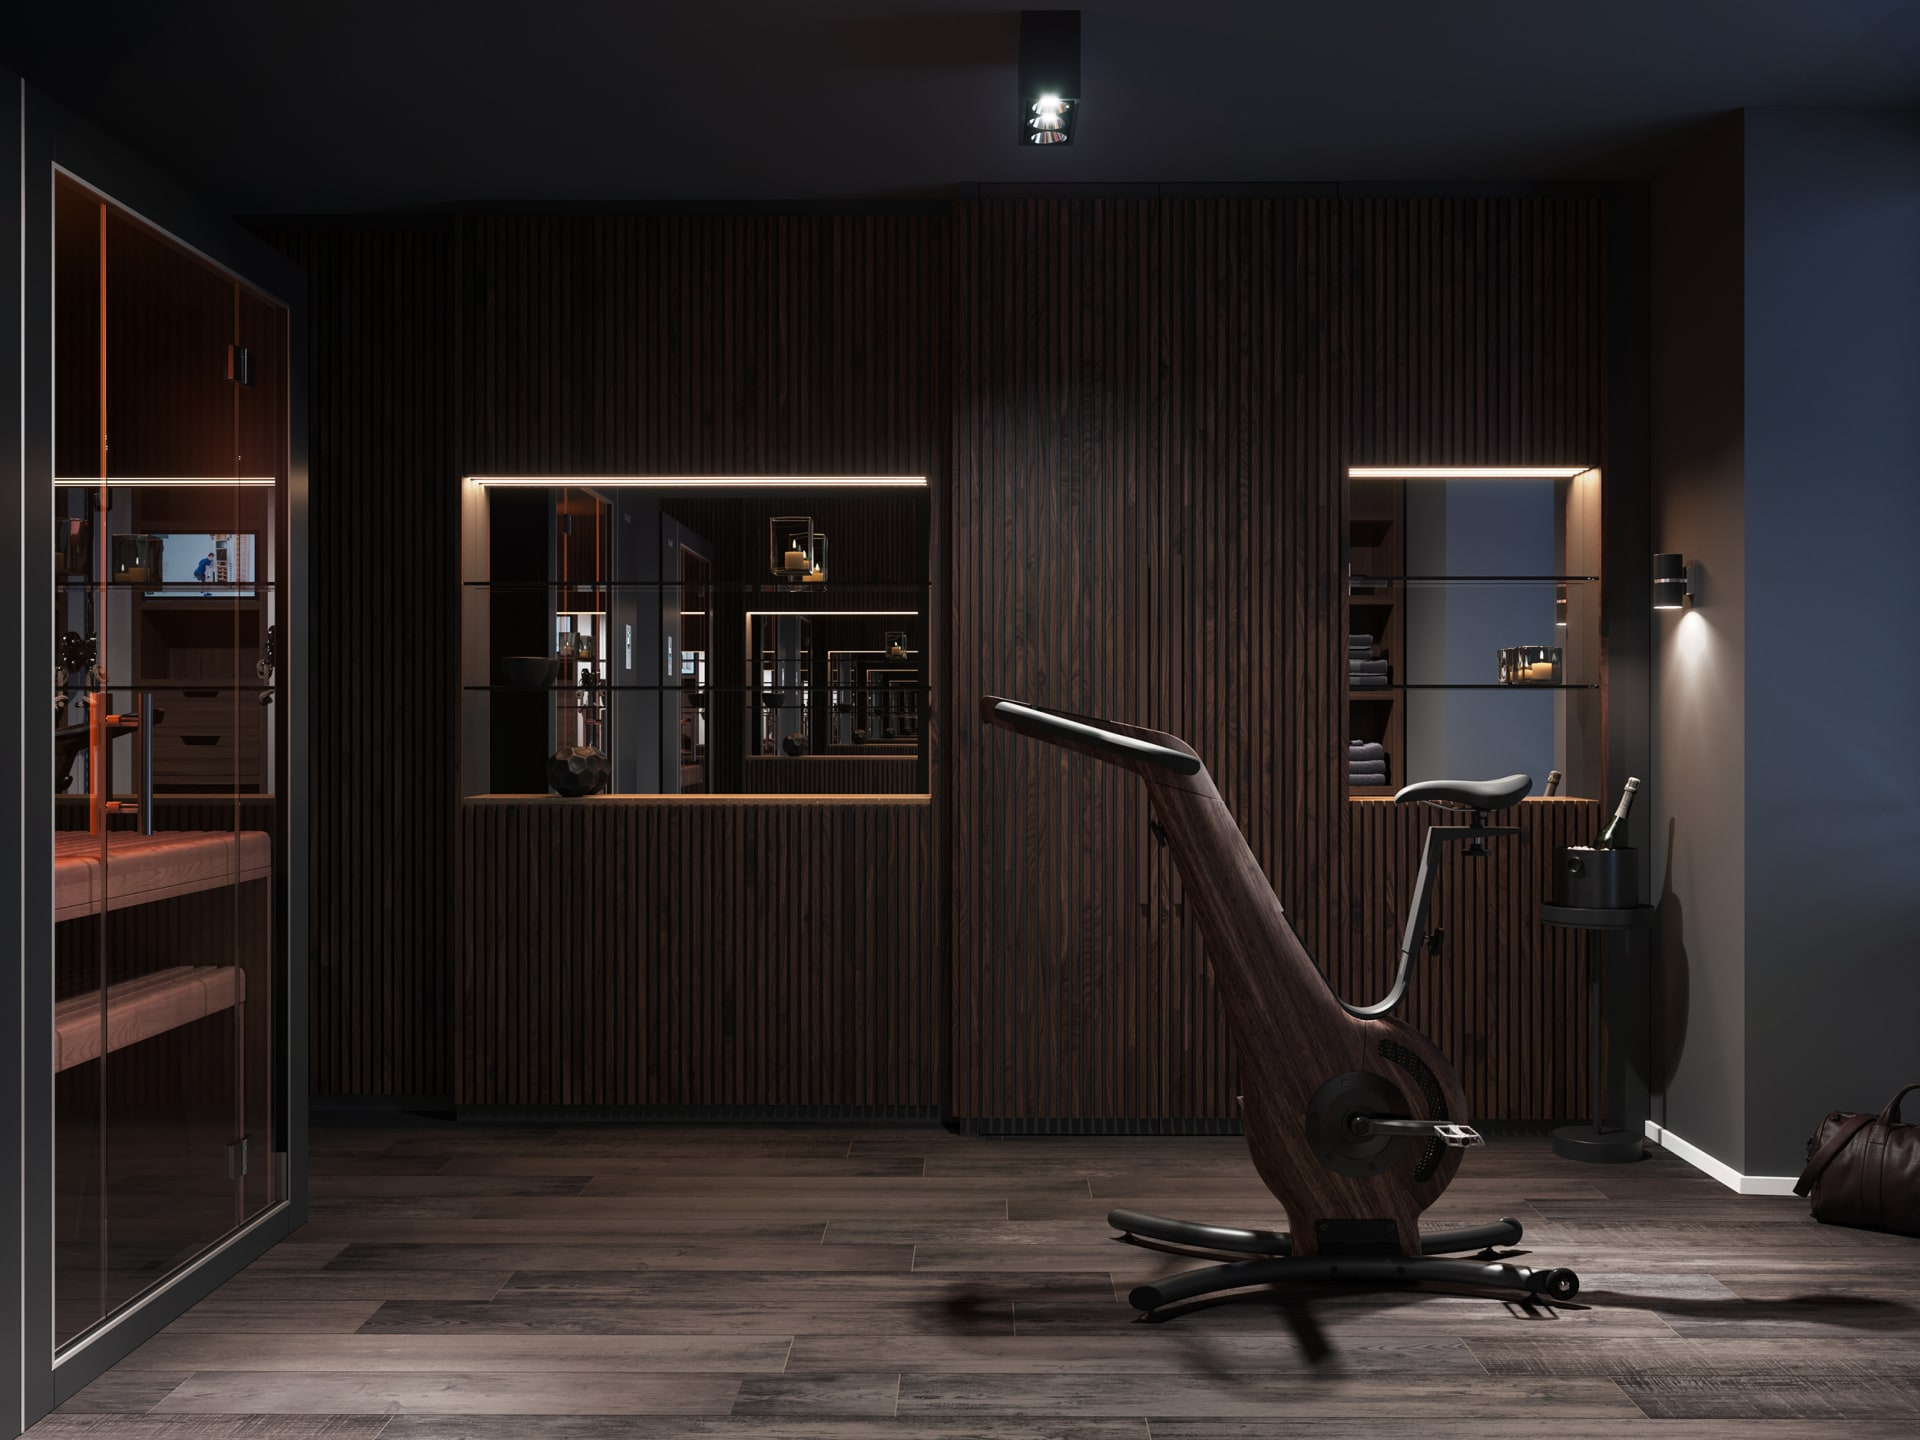 فندق سويسري يواجه فيروس كورونا بإقامة فاخرة للعزل الذاتي